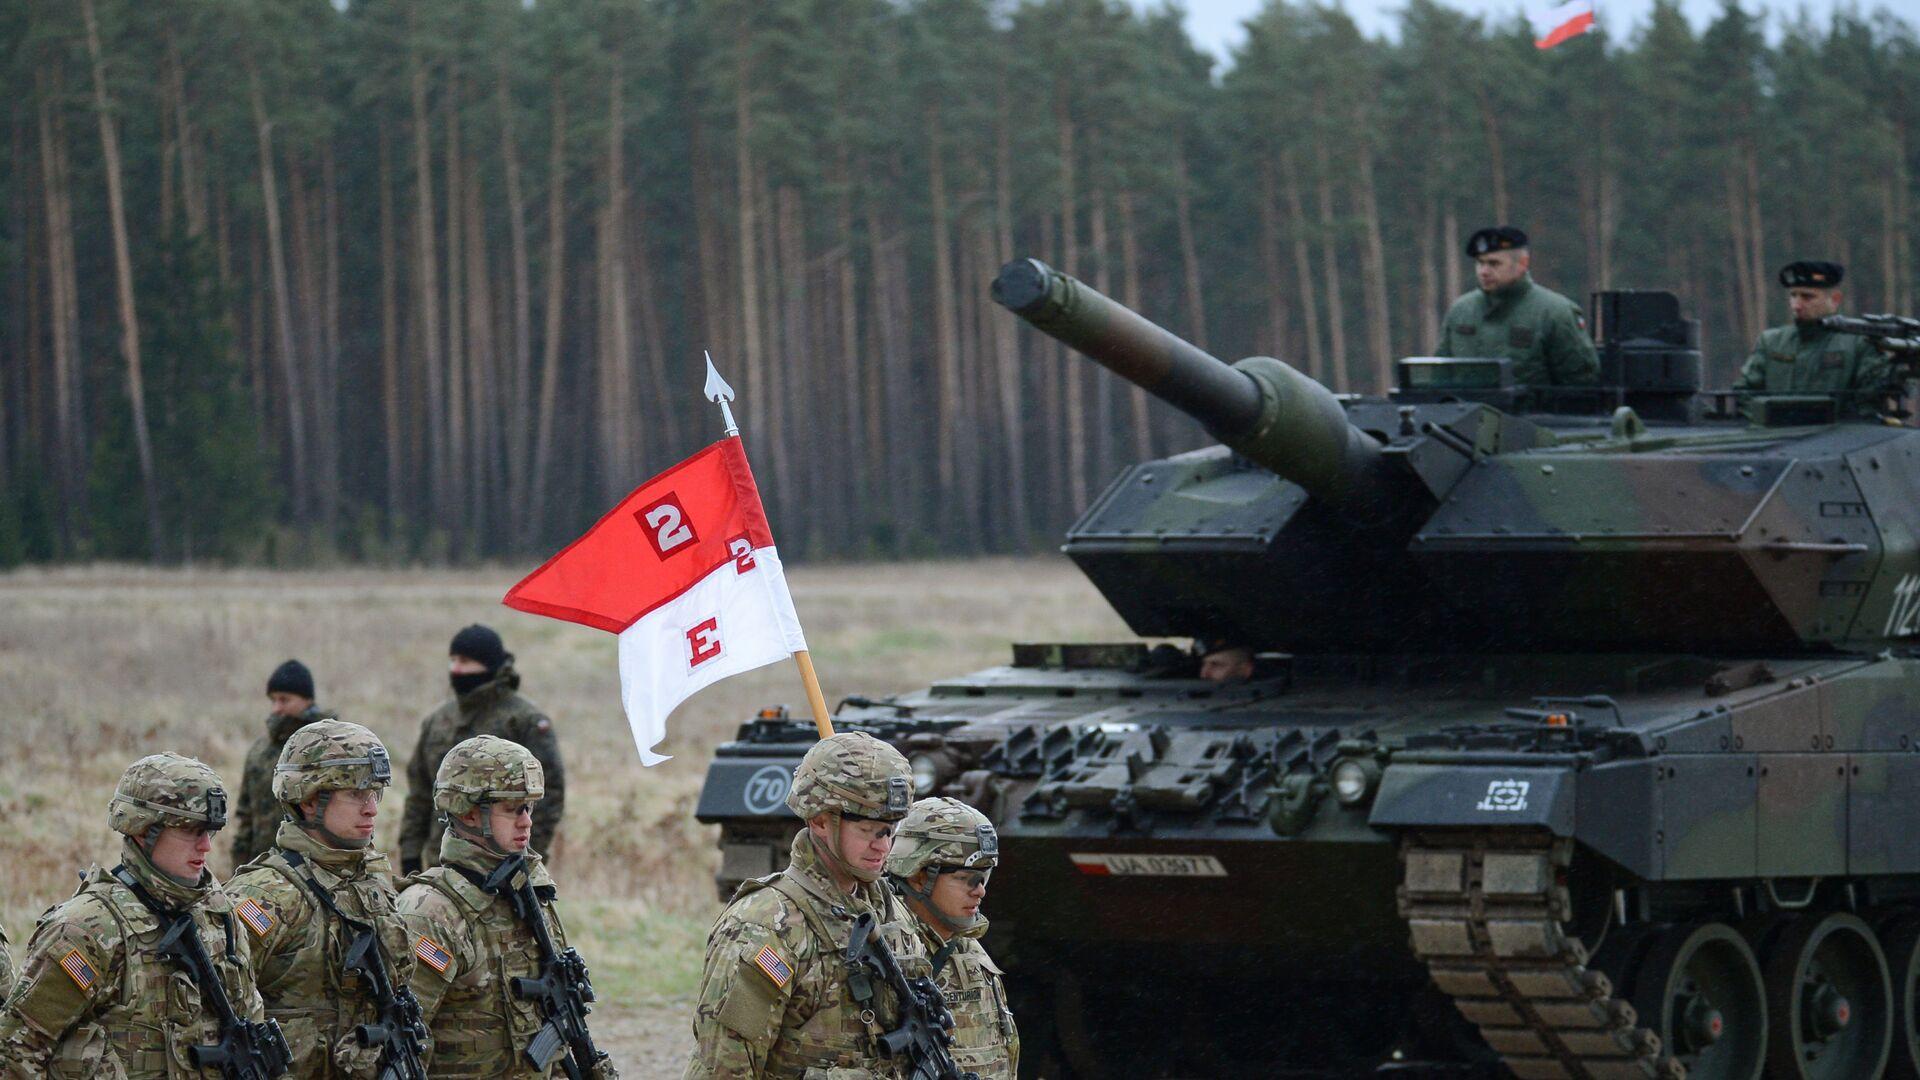 Polští vojáci vítají prapor NATO - Sputnik Česká republika, 1920, 23.09.2021